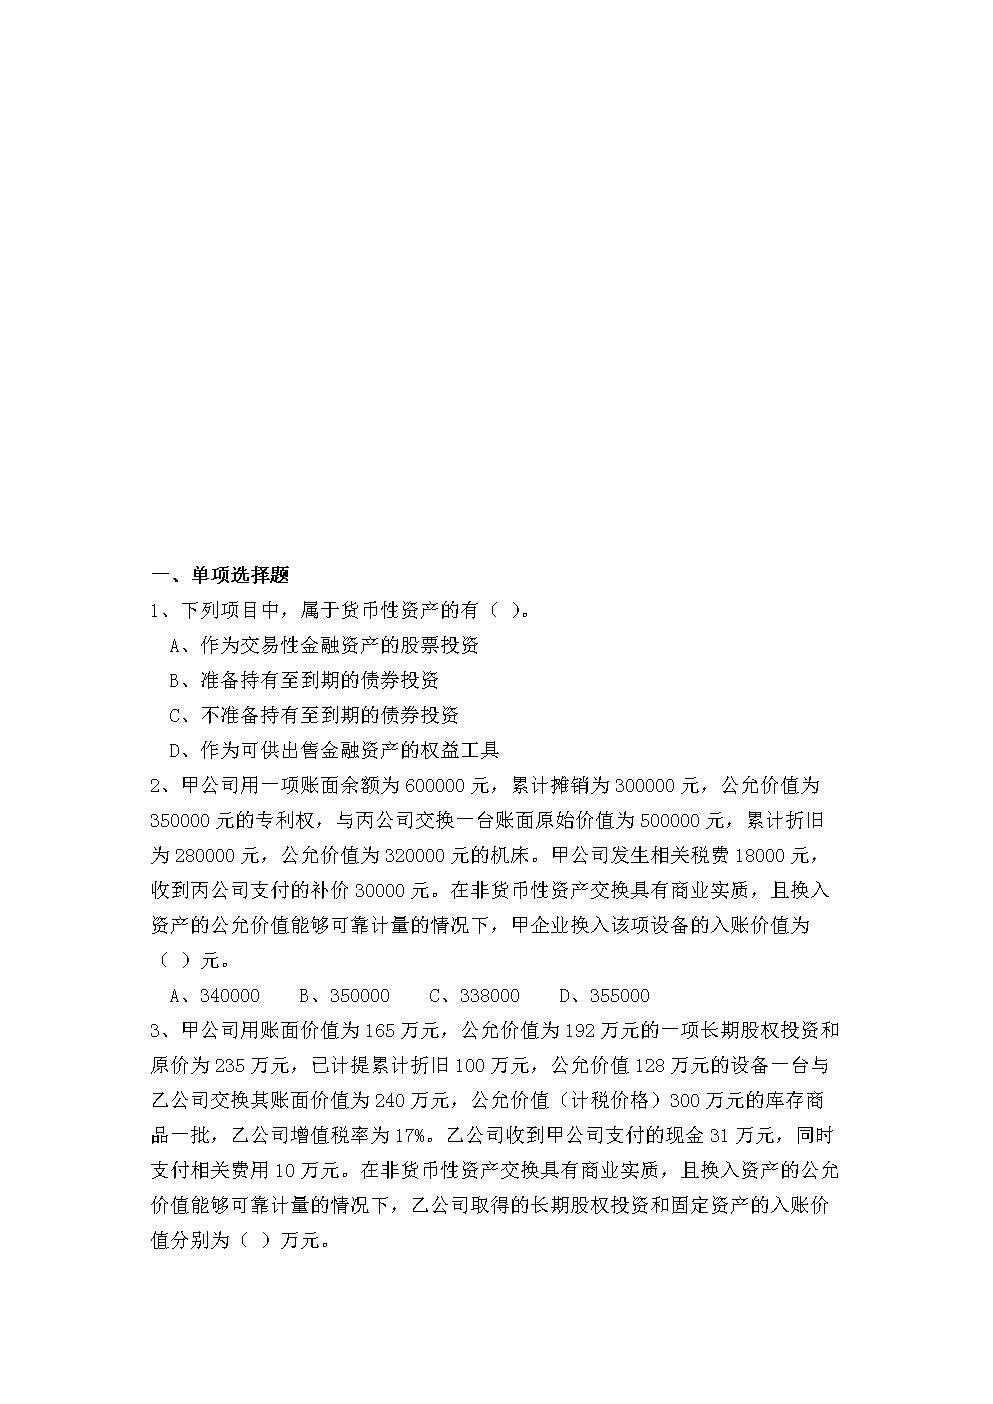 非货币性资产交换考试试题.doc